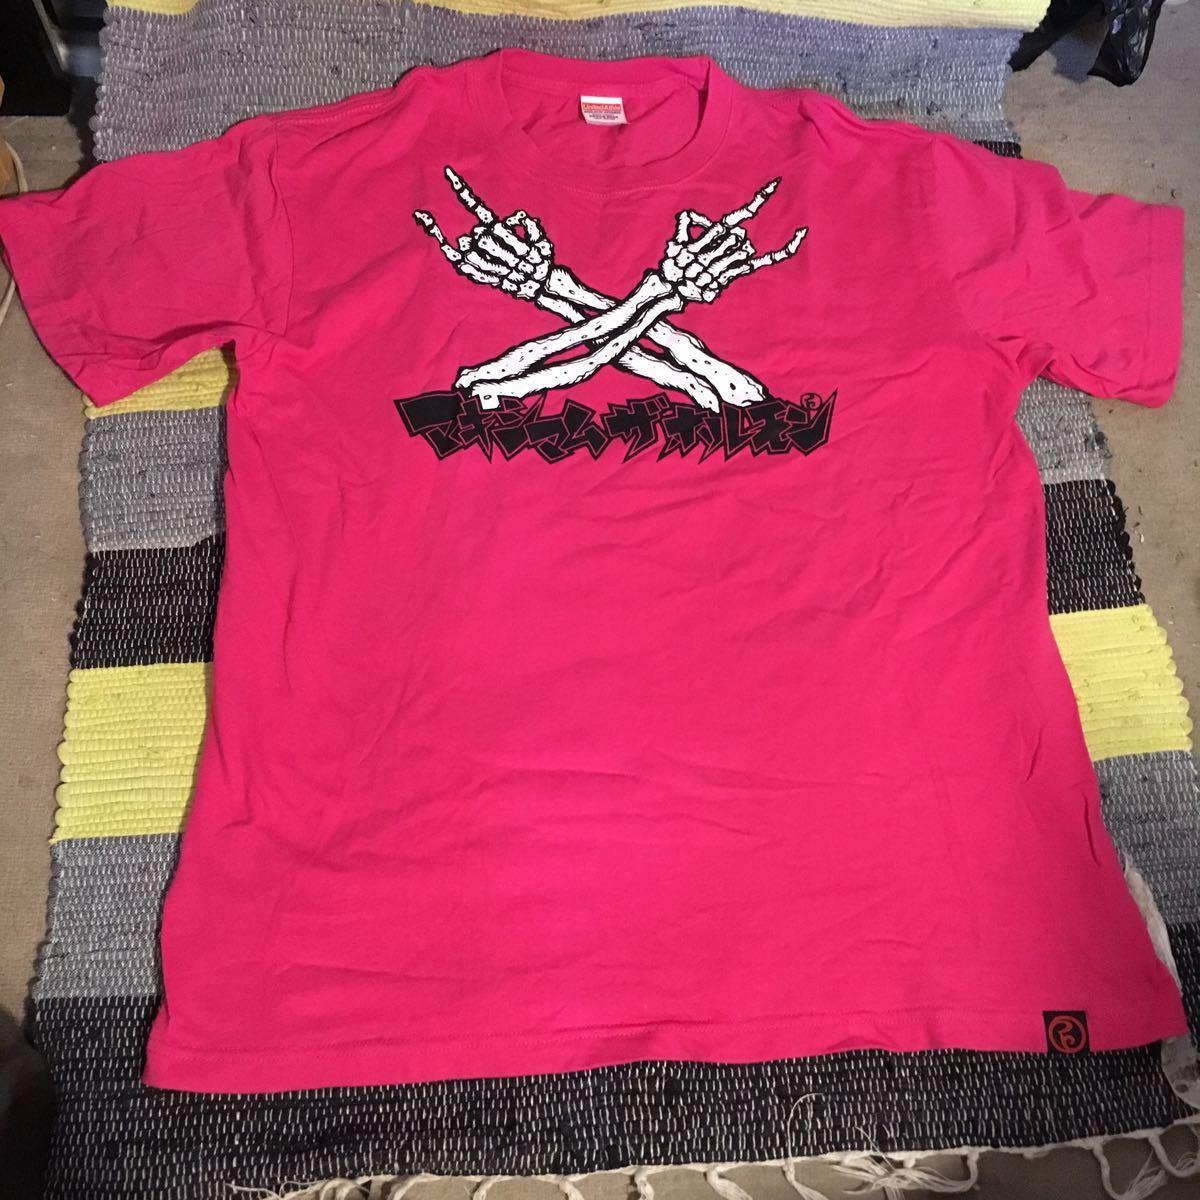 未使用新品 /マキシマム ザ ホルモン Tシャツ ピンク DAME XXX NIGIRE!! GET UP BOYS! PINK XL/maximum the Hormon shirts _画像2